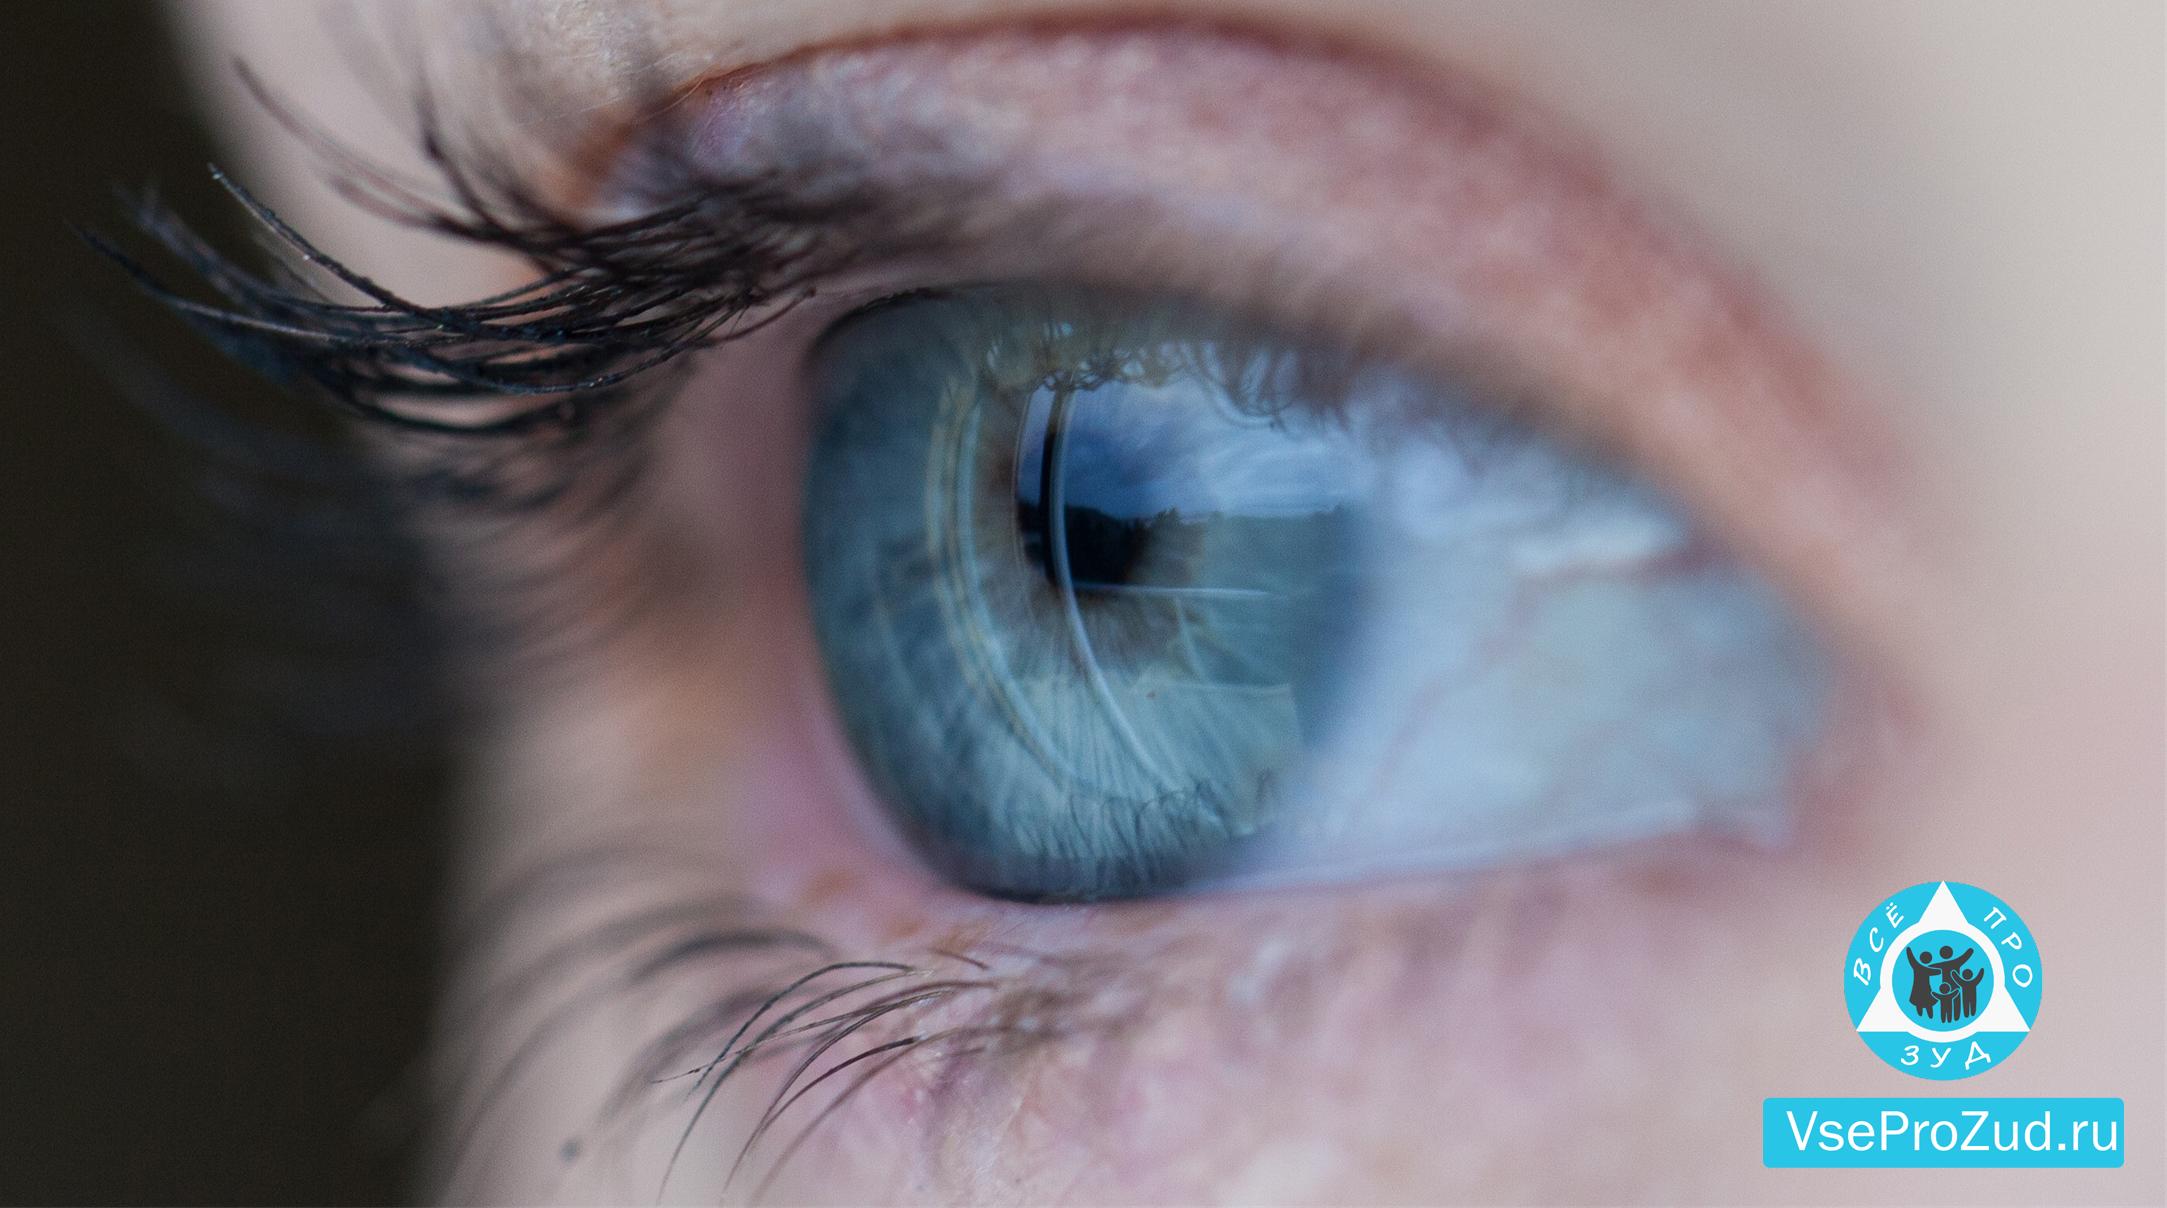 Здоровый глаз человека